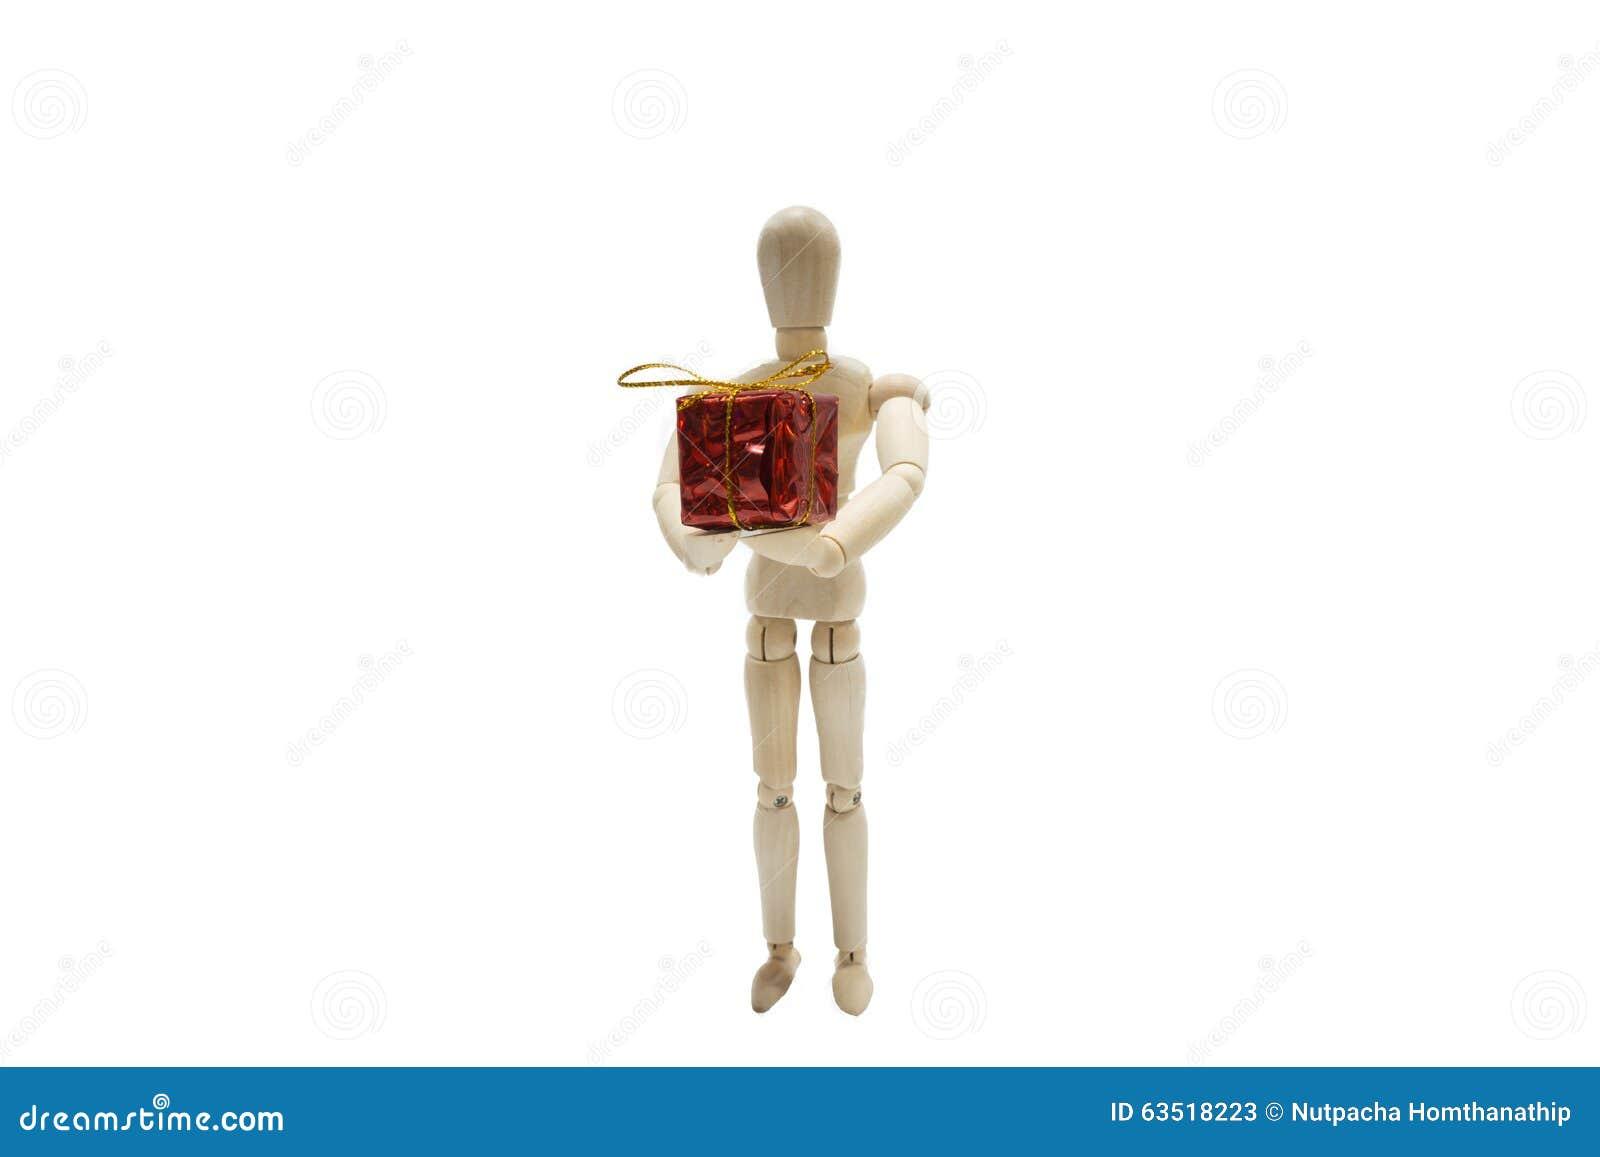 Foto de Stock: Figura de madeira boneca e caixa de presente vermelha  #85A724 1300x957